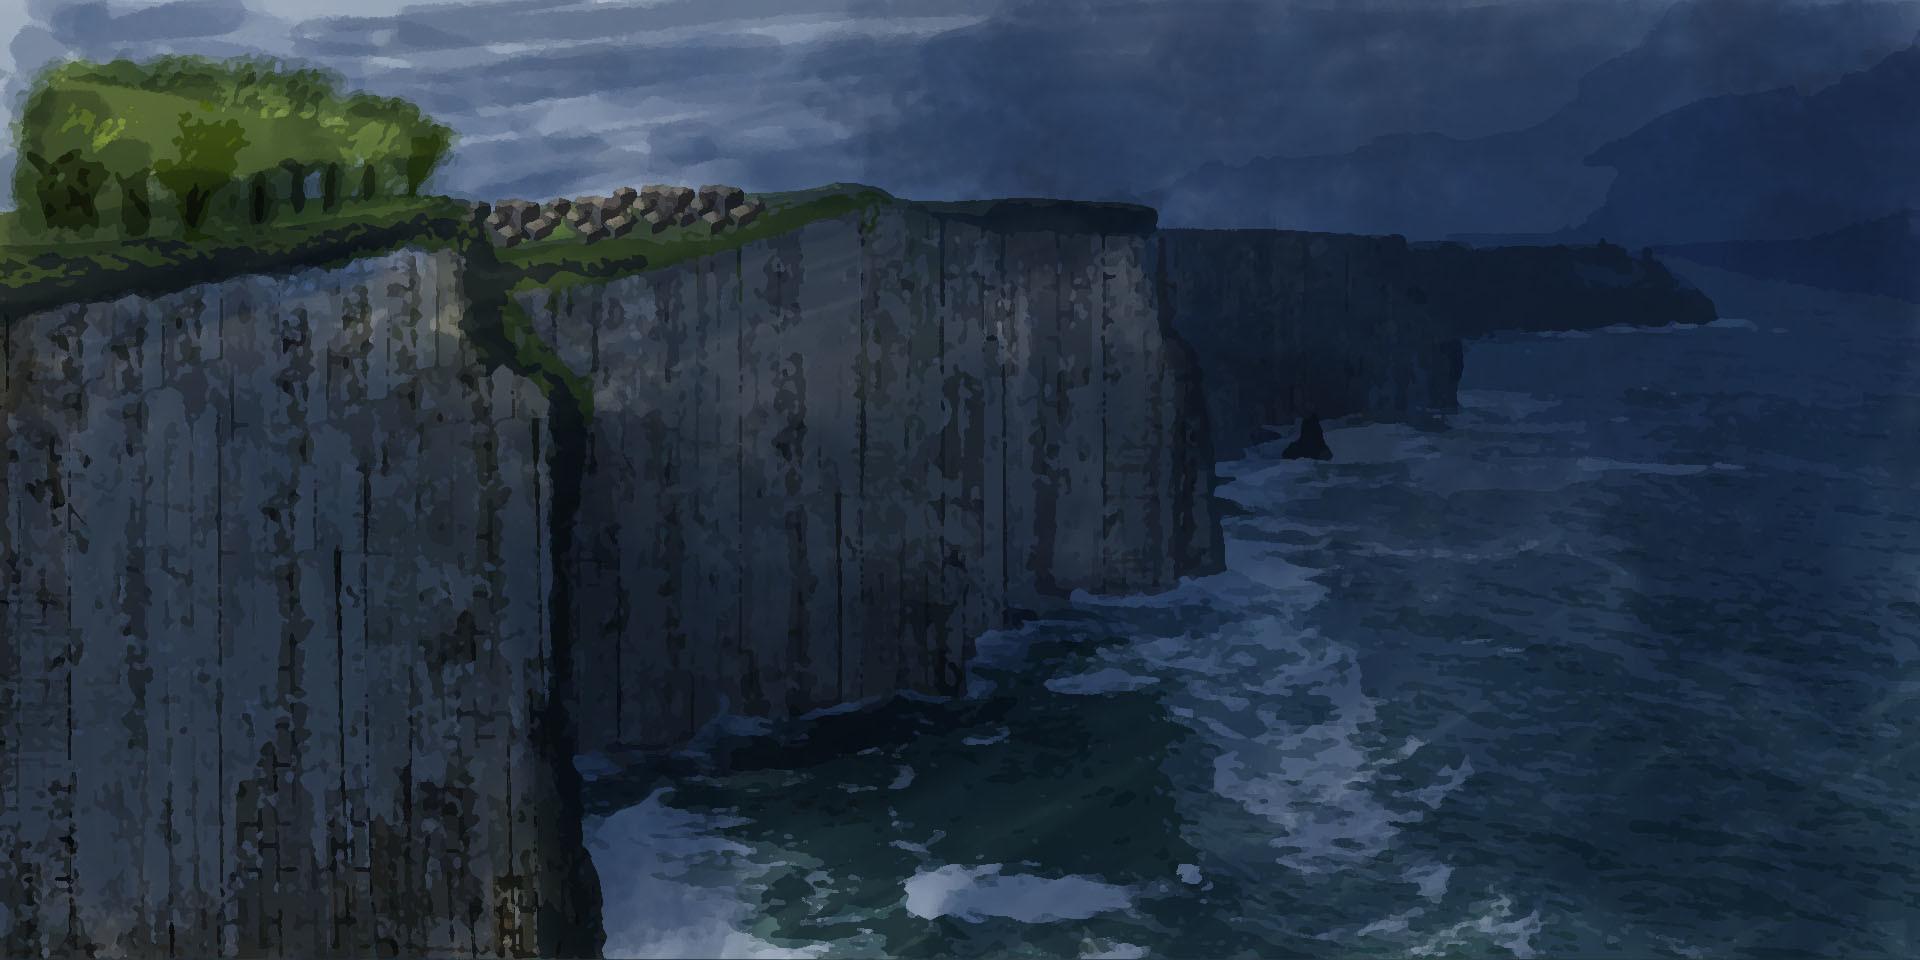 Rene berwanger the wall